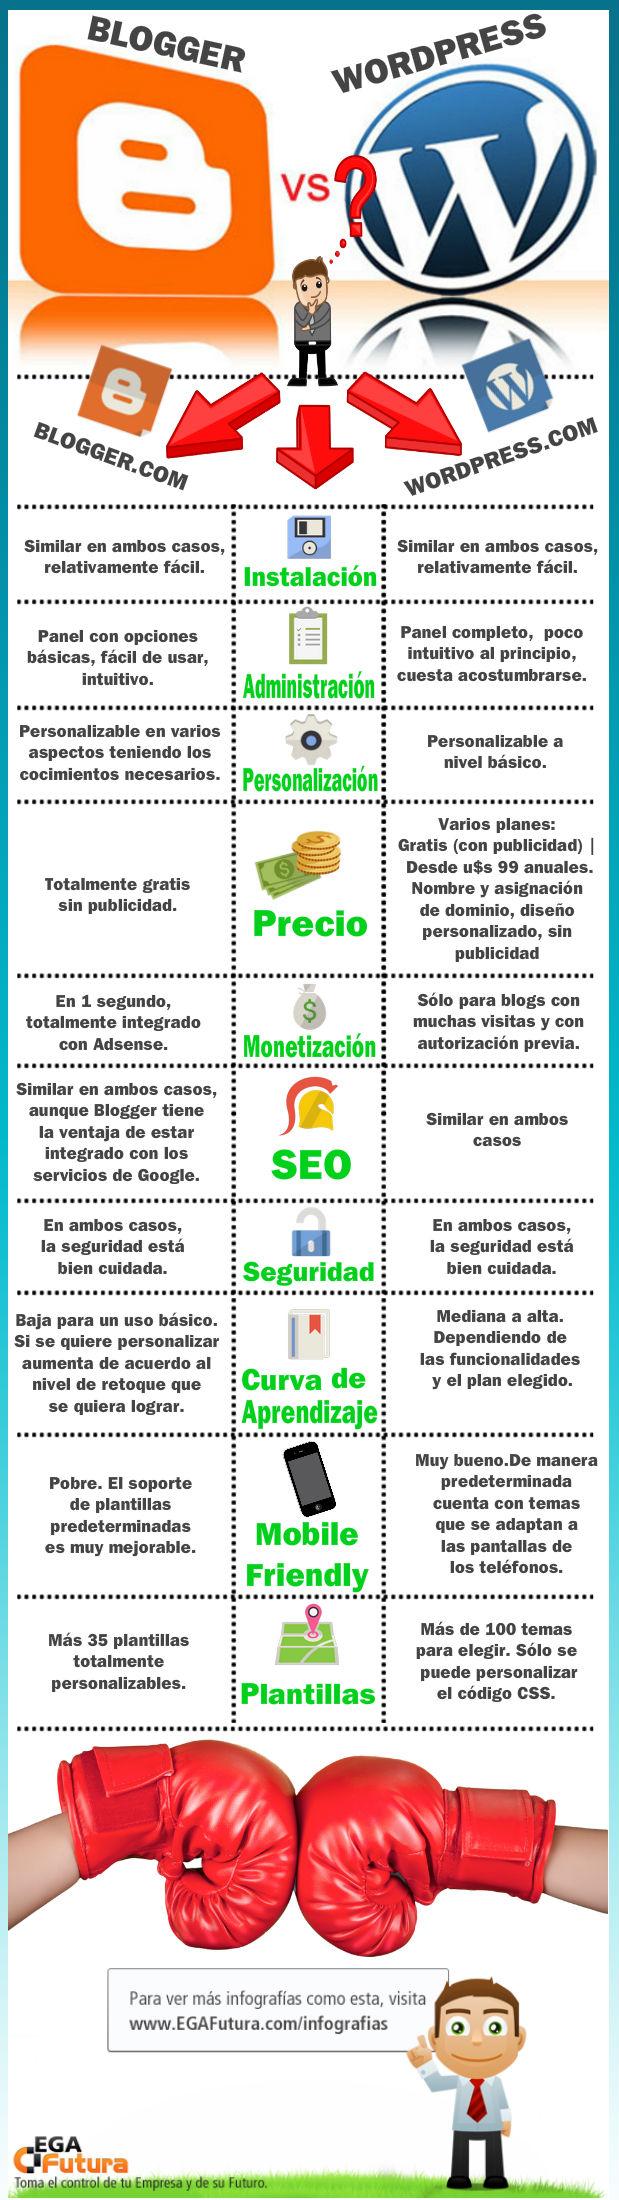 Wordpress.com vs Blogger.com